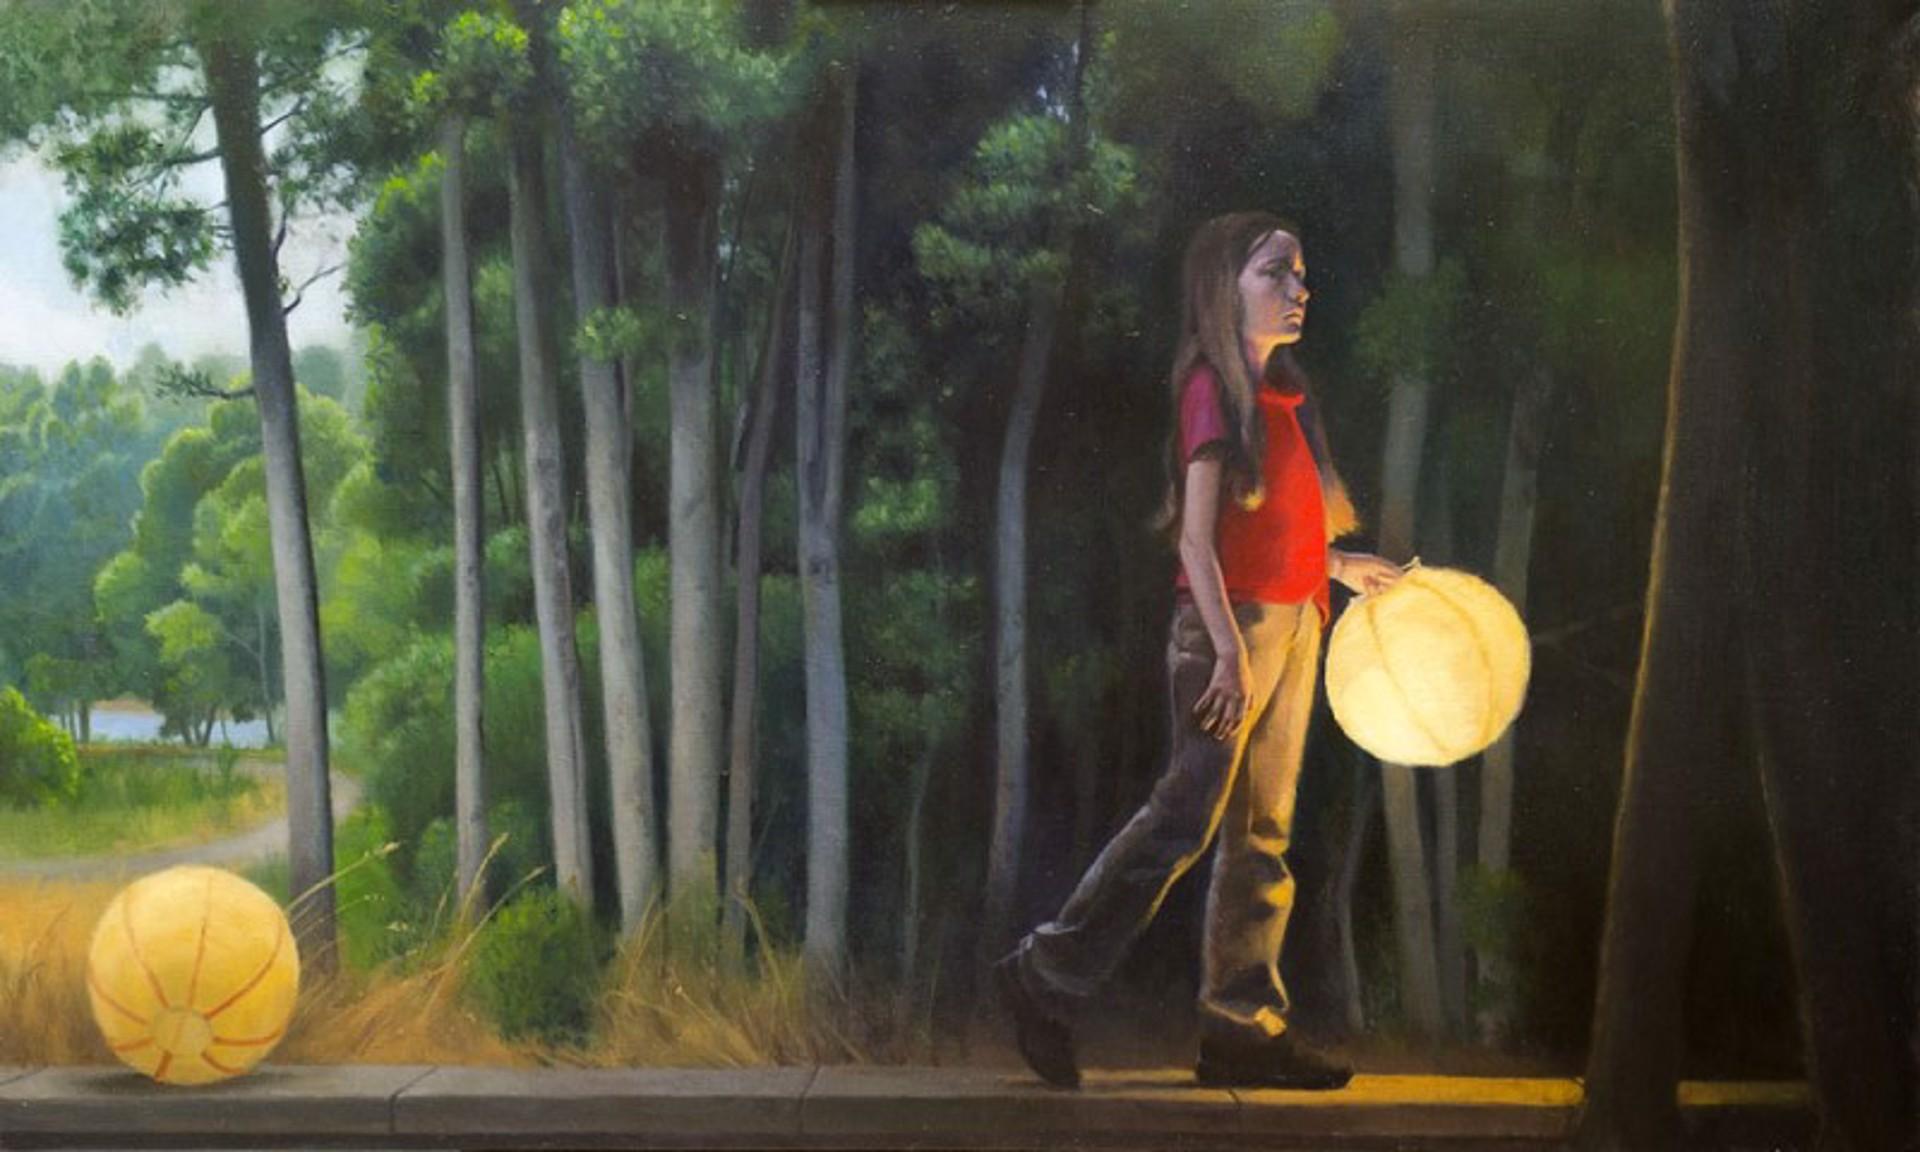 Dark Woods and Lanterns by Ocean Quigley